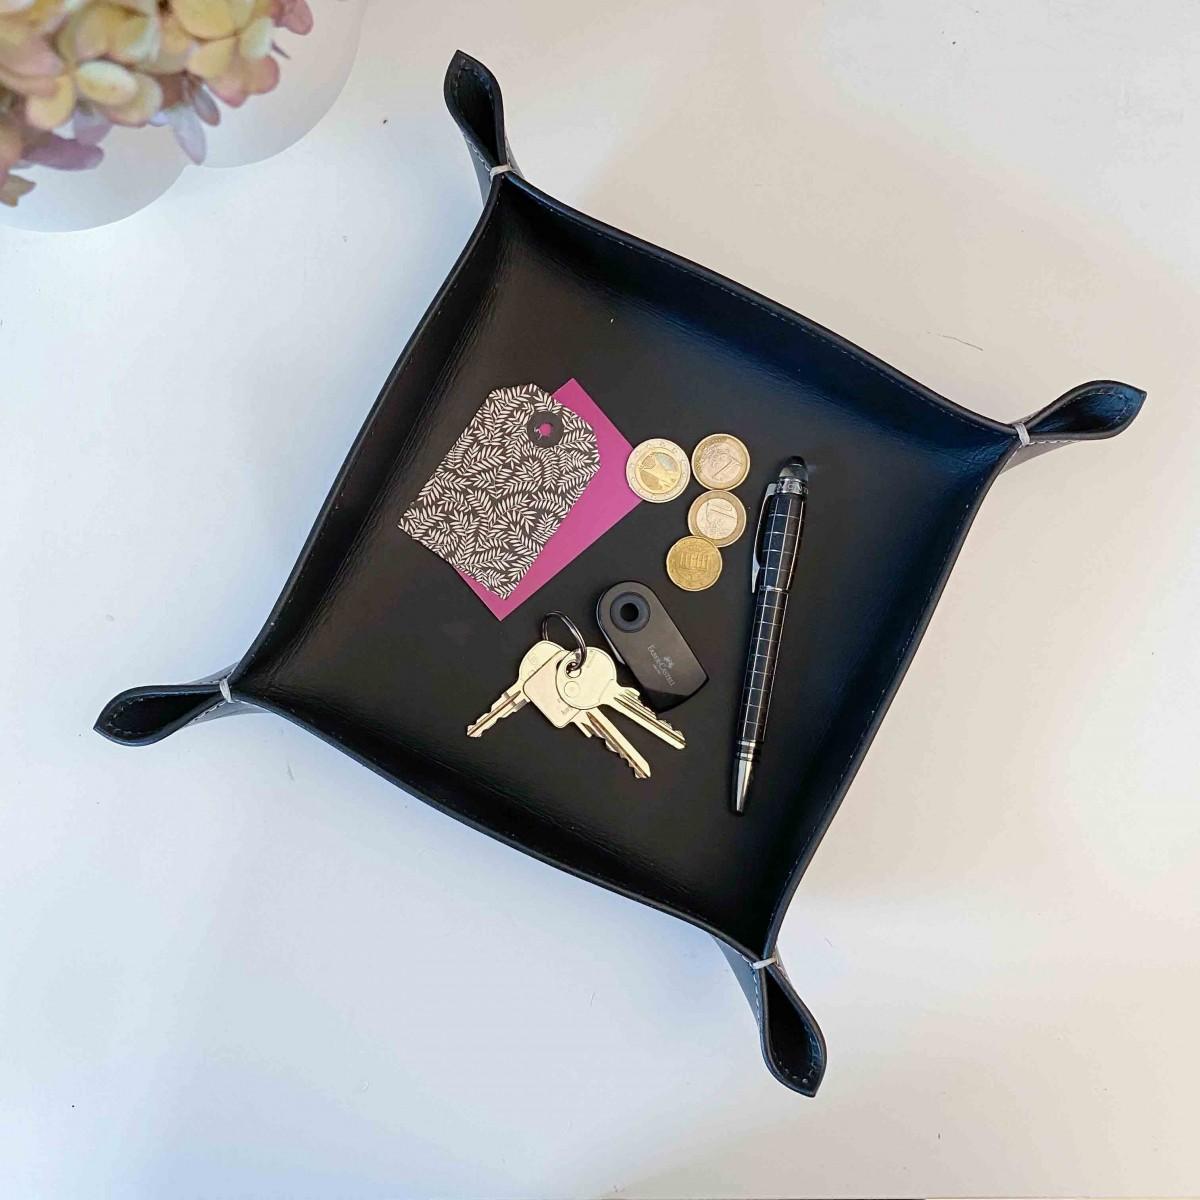 adorist - Lederschale, Taschenleerer Corium 20x20cm, schwarz